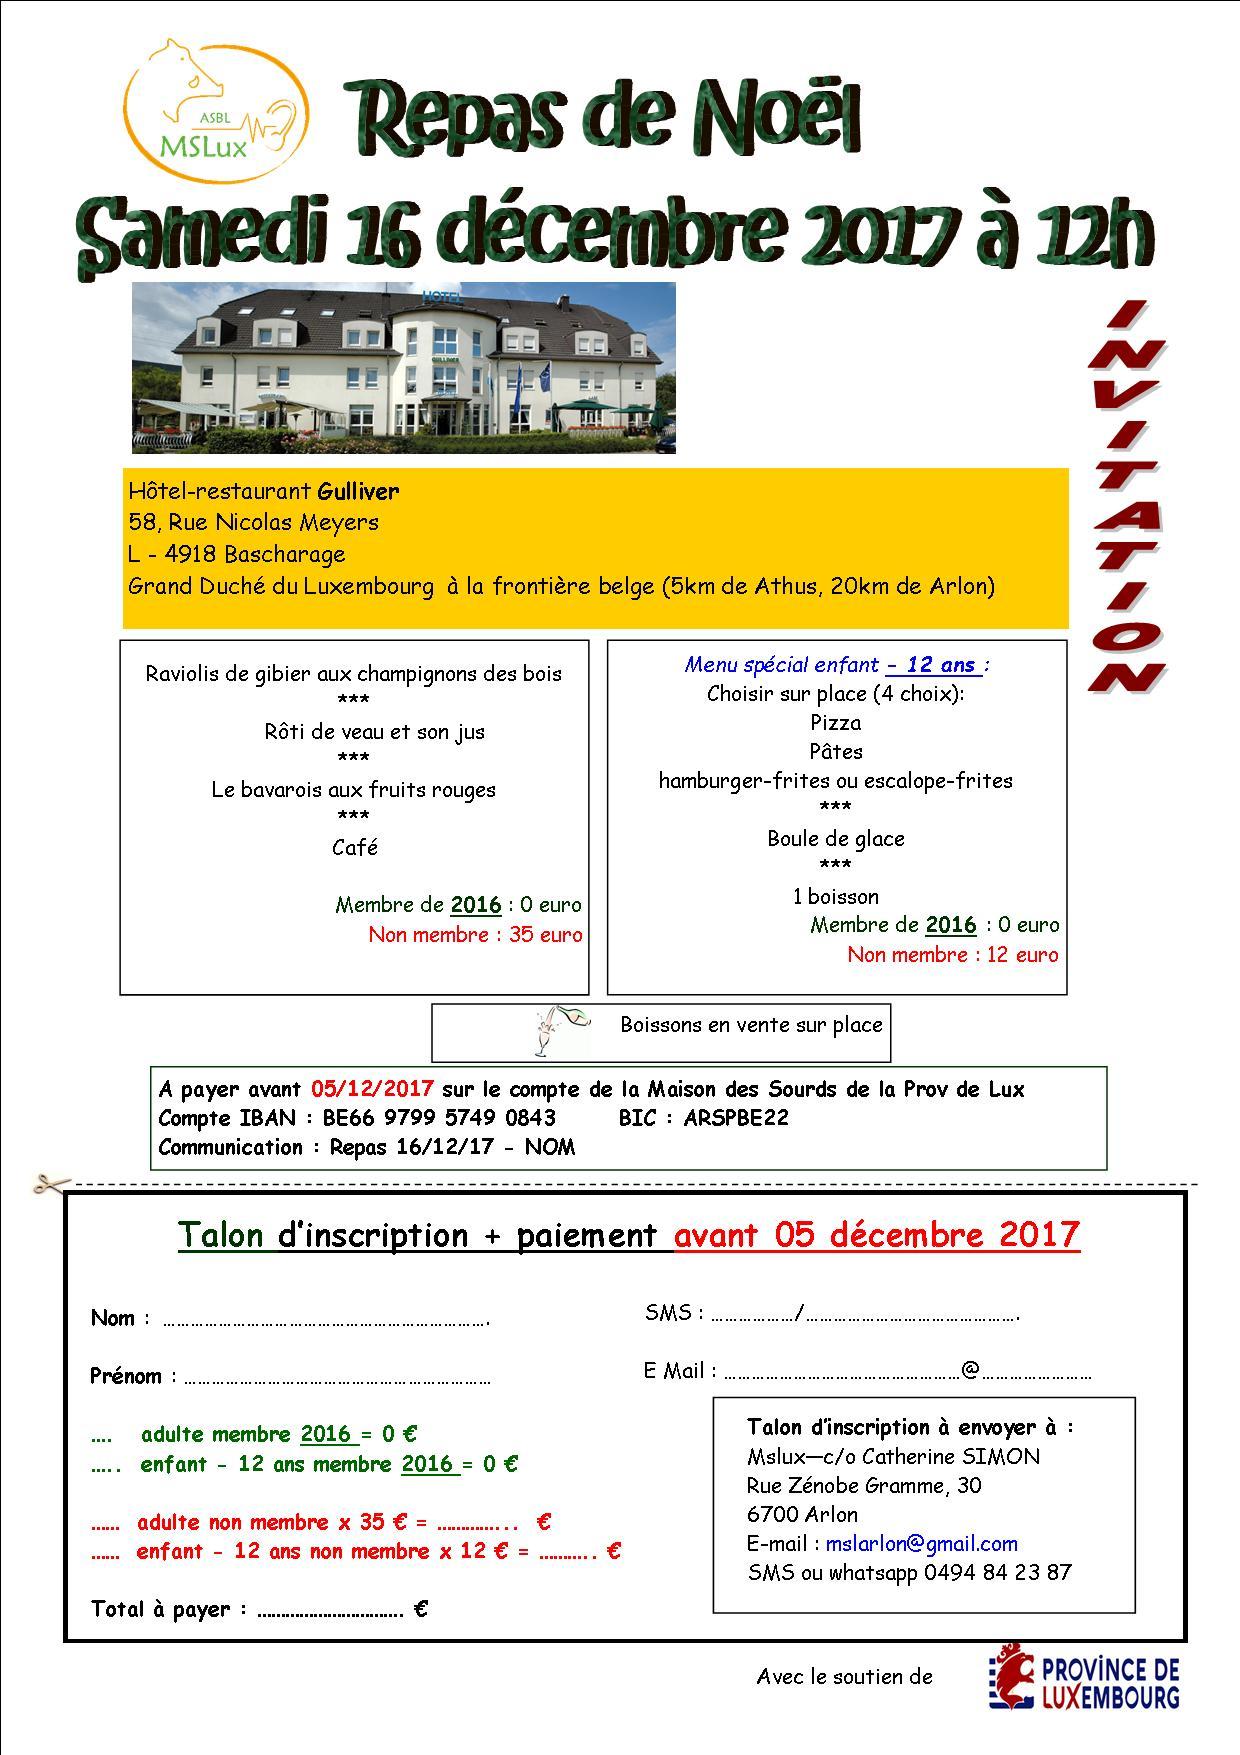 Invitation Repas Noël 16-12-17.jpg